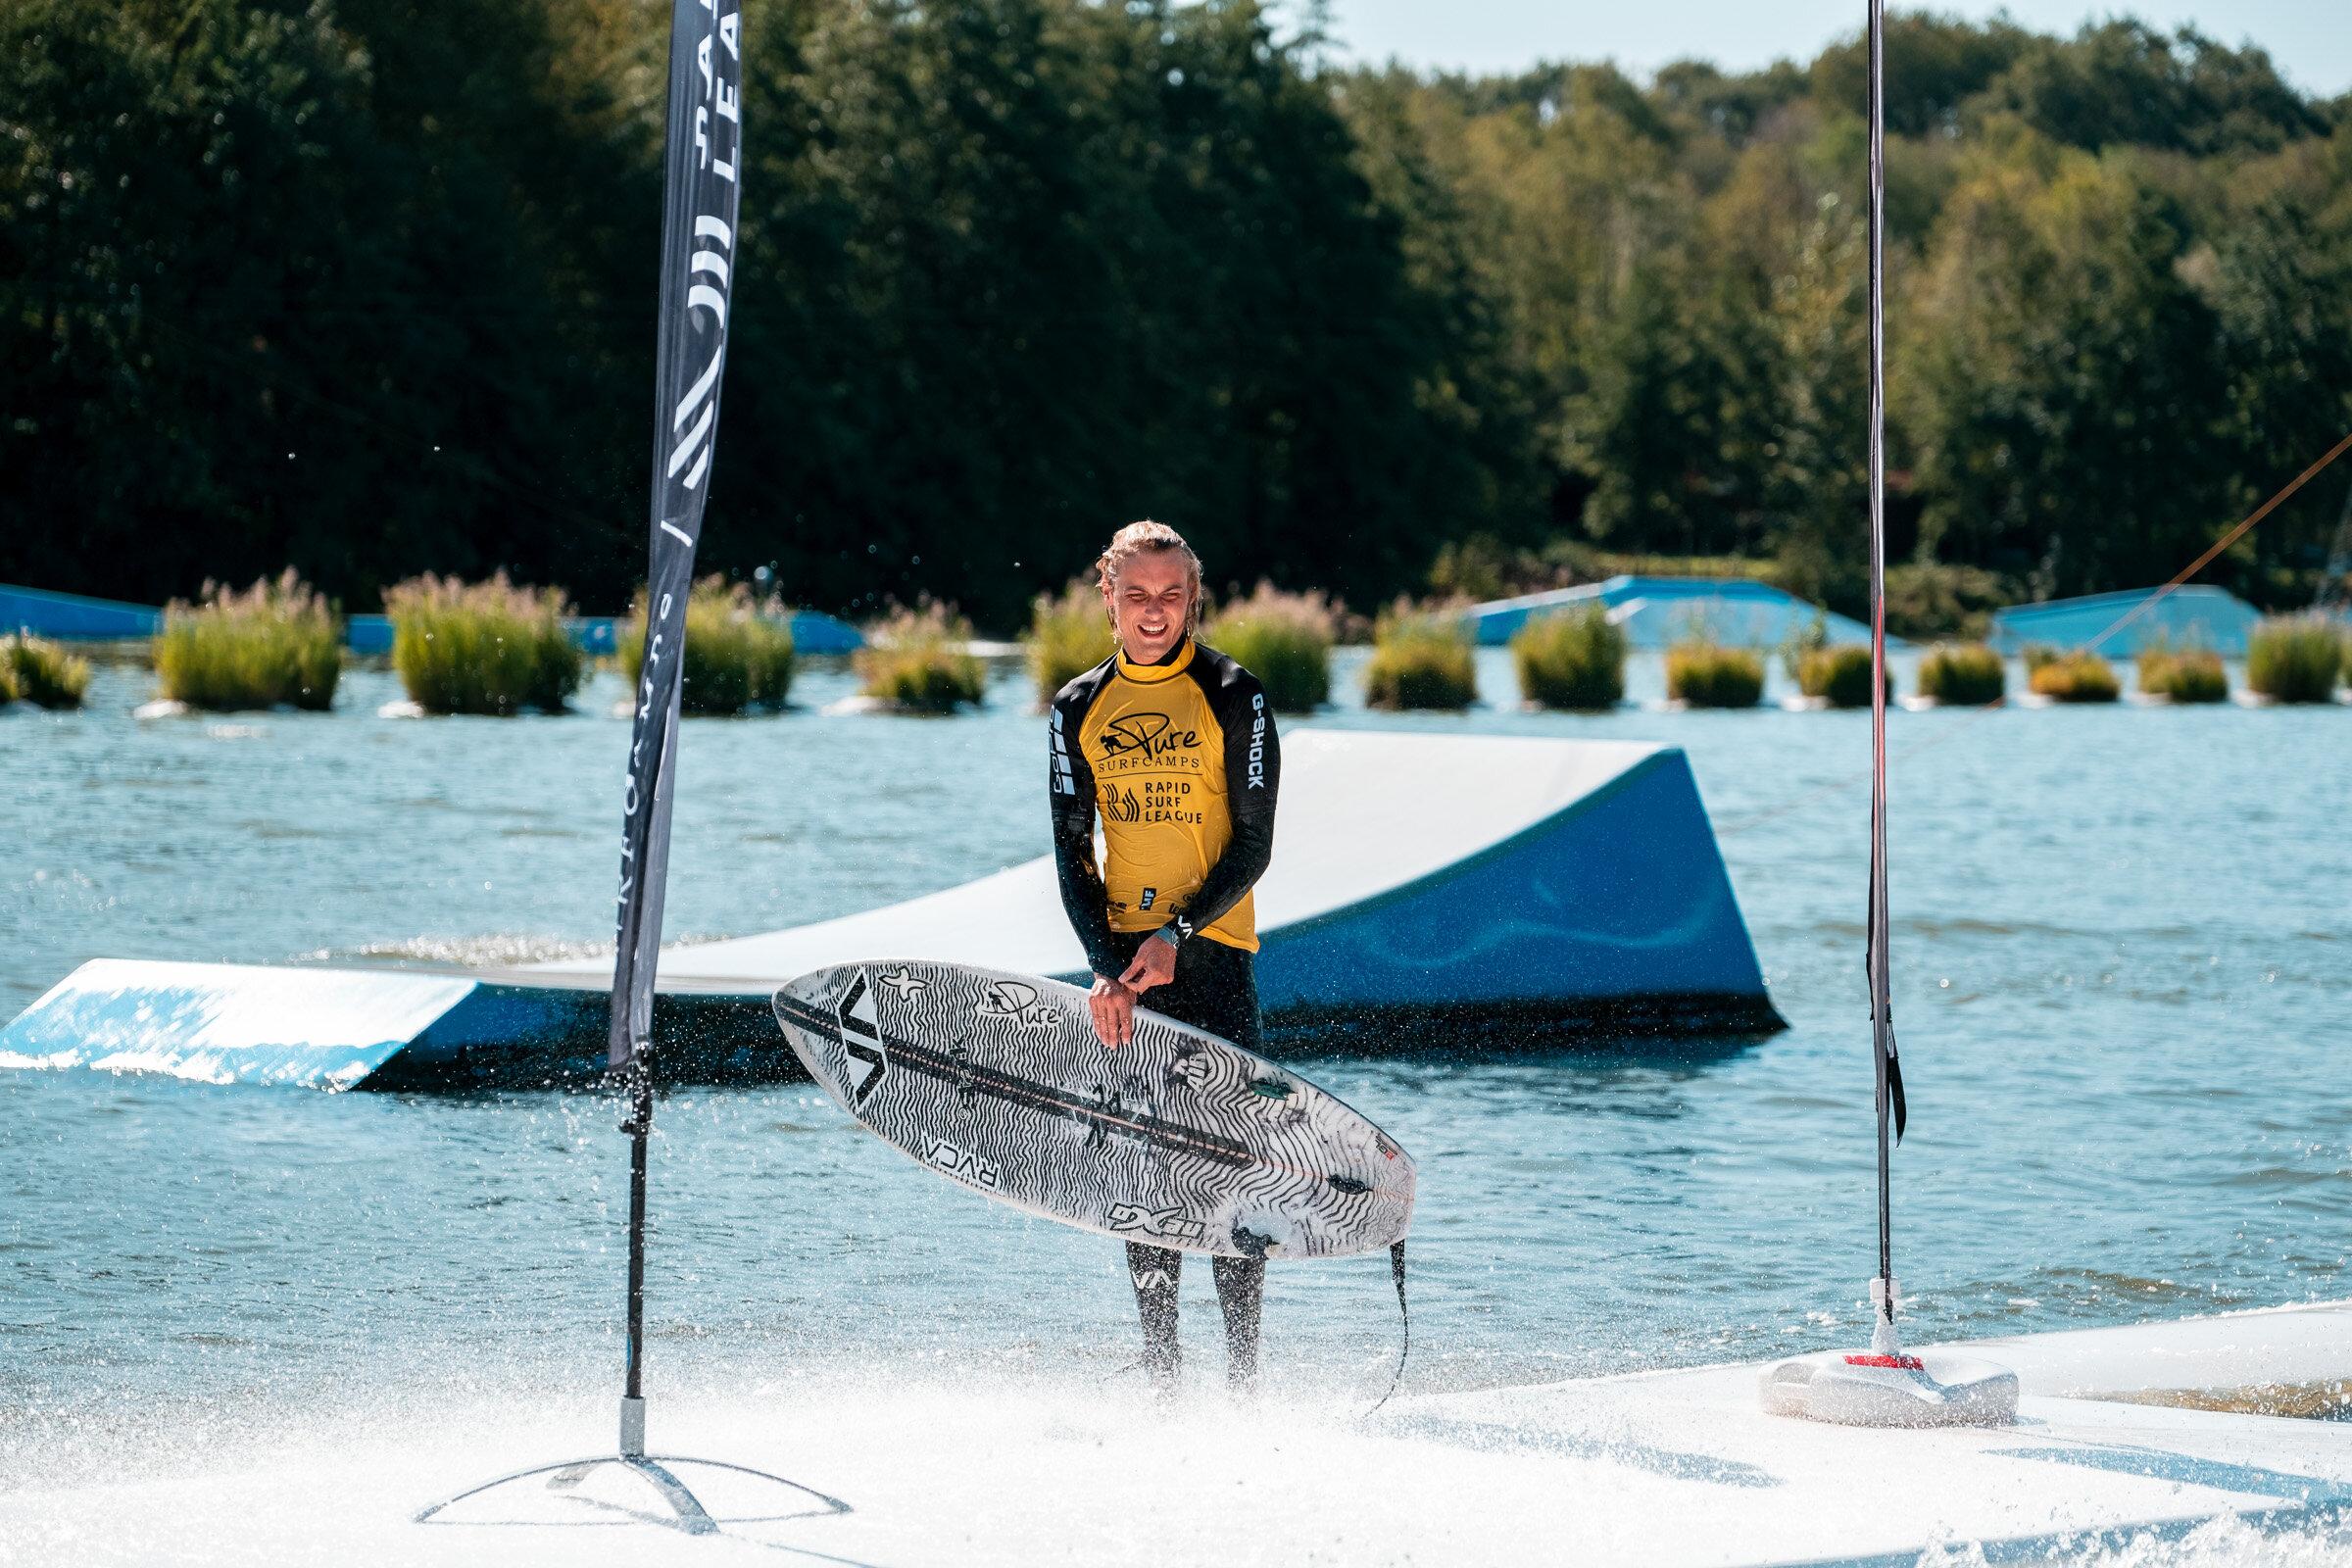 rapid-surf-contest-derKristof-13.jpg